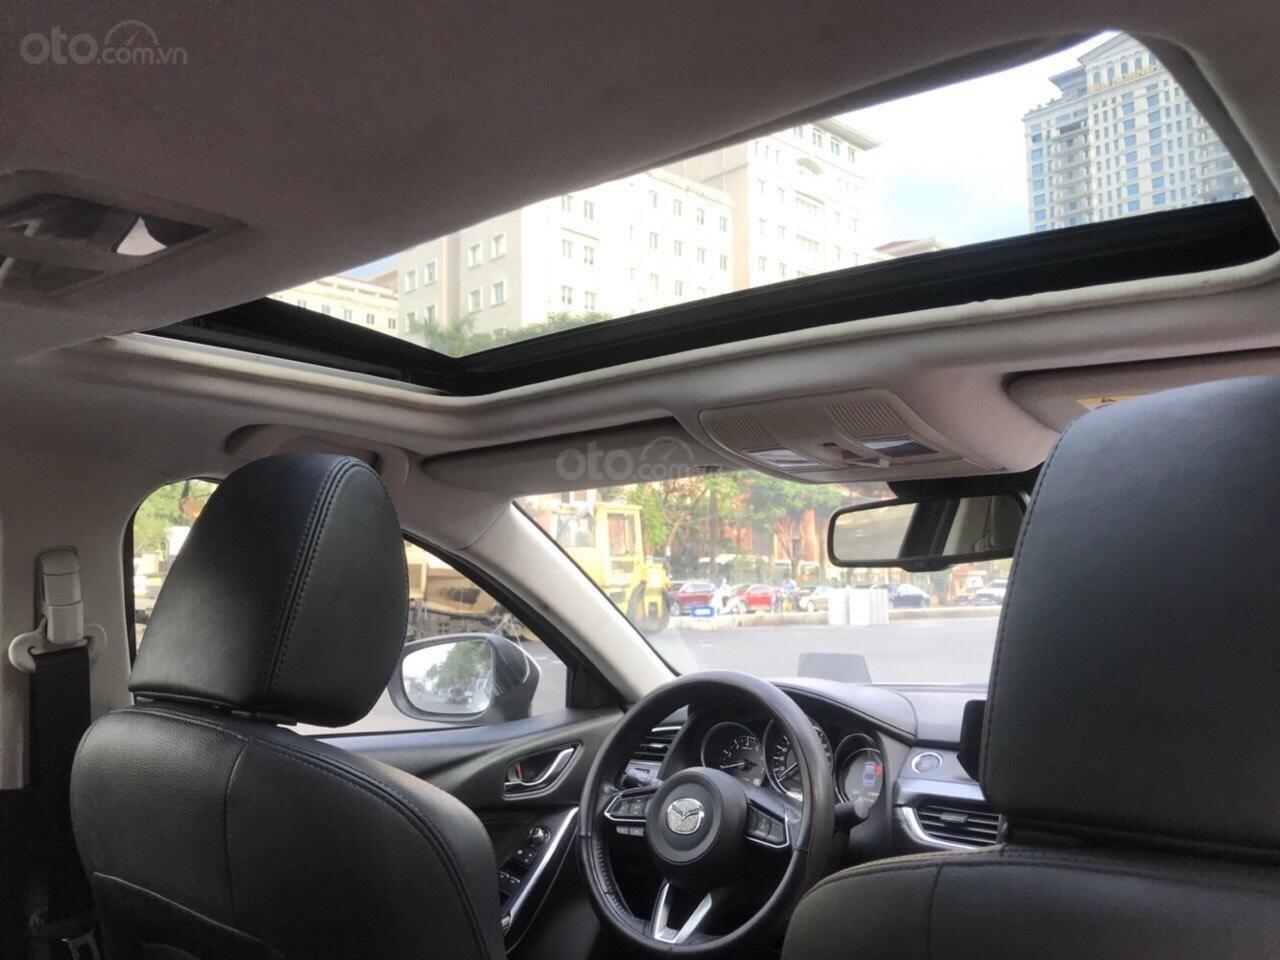 Siêu mẫu Mazda 6 2.0 trắng Ngọc Trinh, hoa hậu 2018 (7)